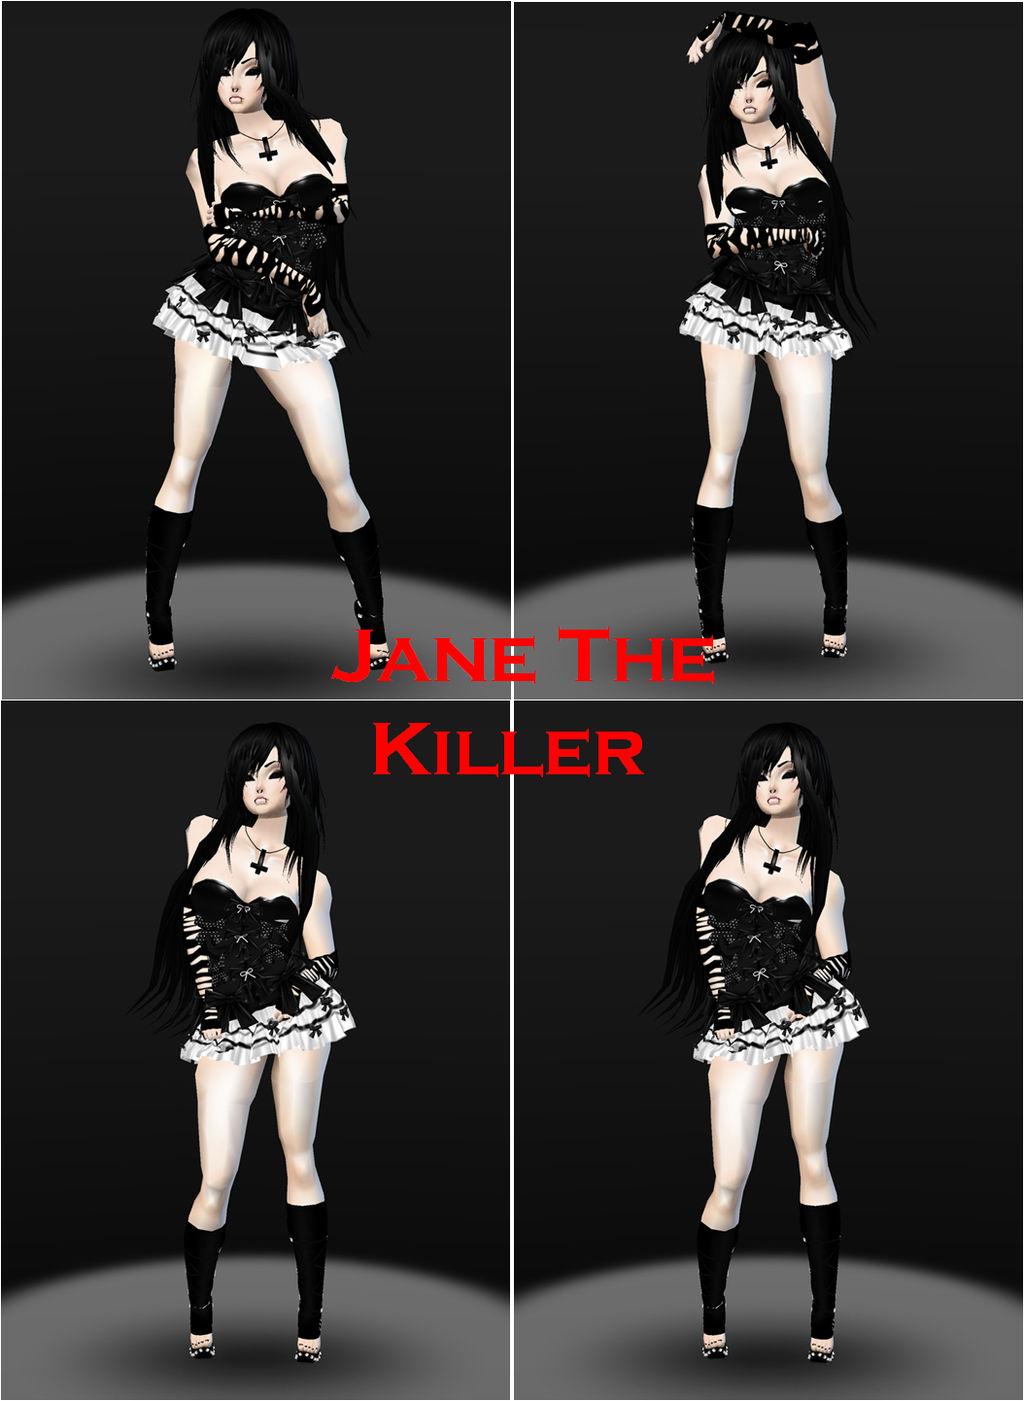 Jane The Killer (Imvu Cosplay) by N00dleChan